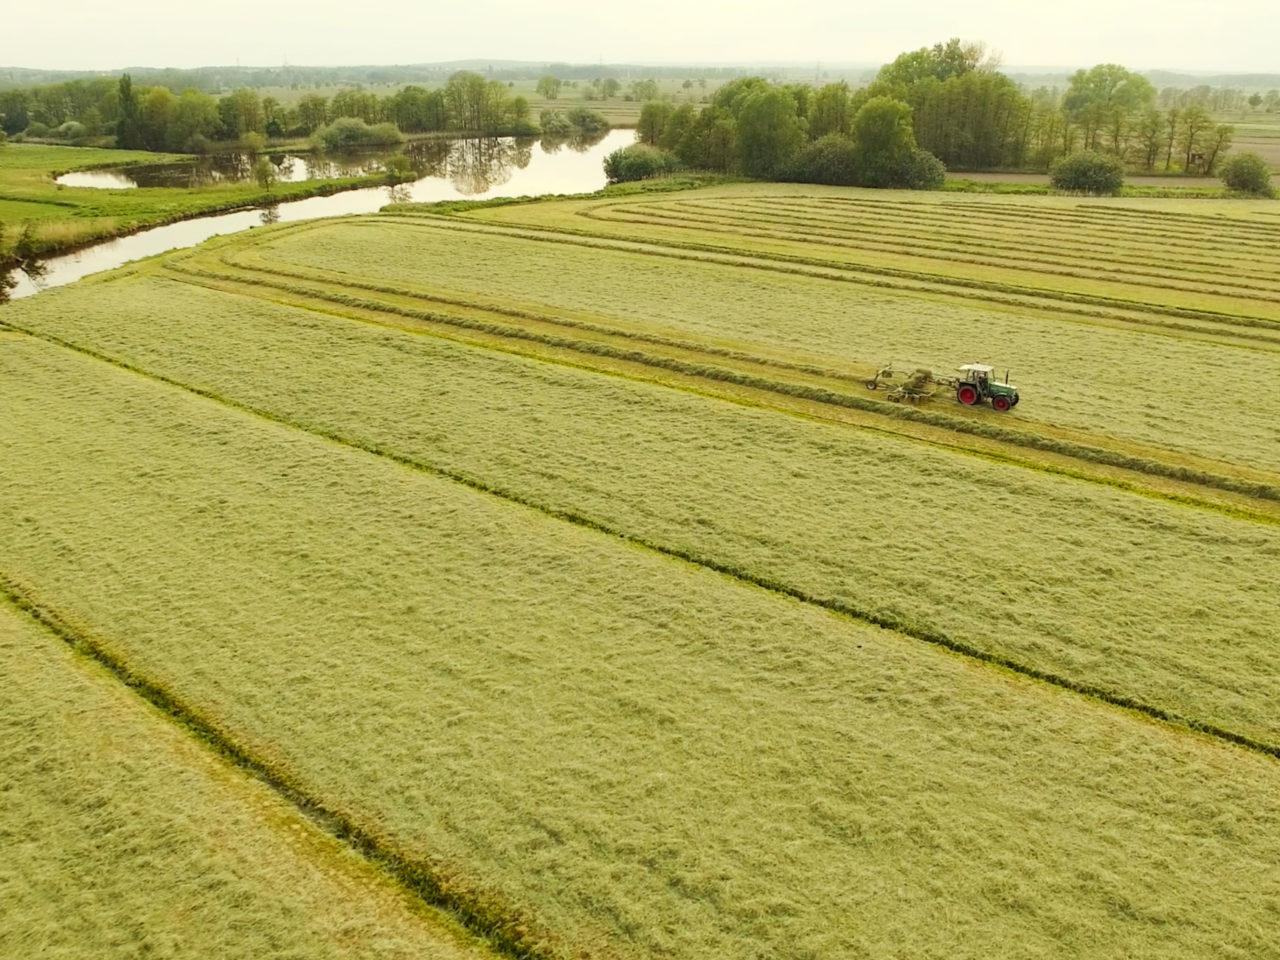 Luftbild Traktor von Speers Hoff erntet die eigenen Gräser der saftigen Marschwiesen hinterm Elbdeich von Speers Hoff